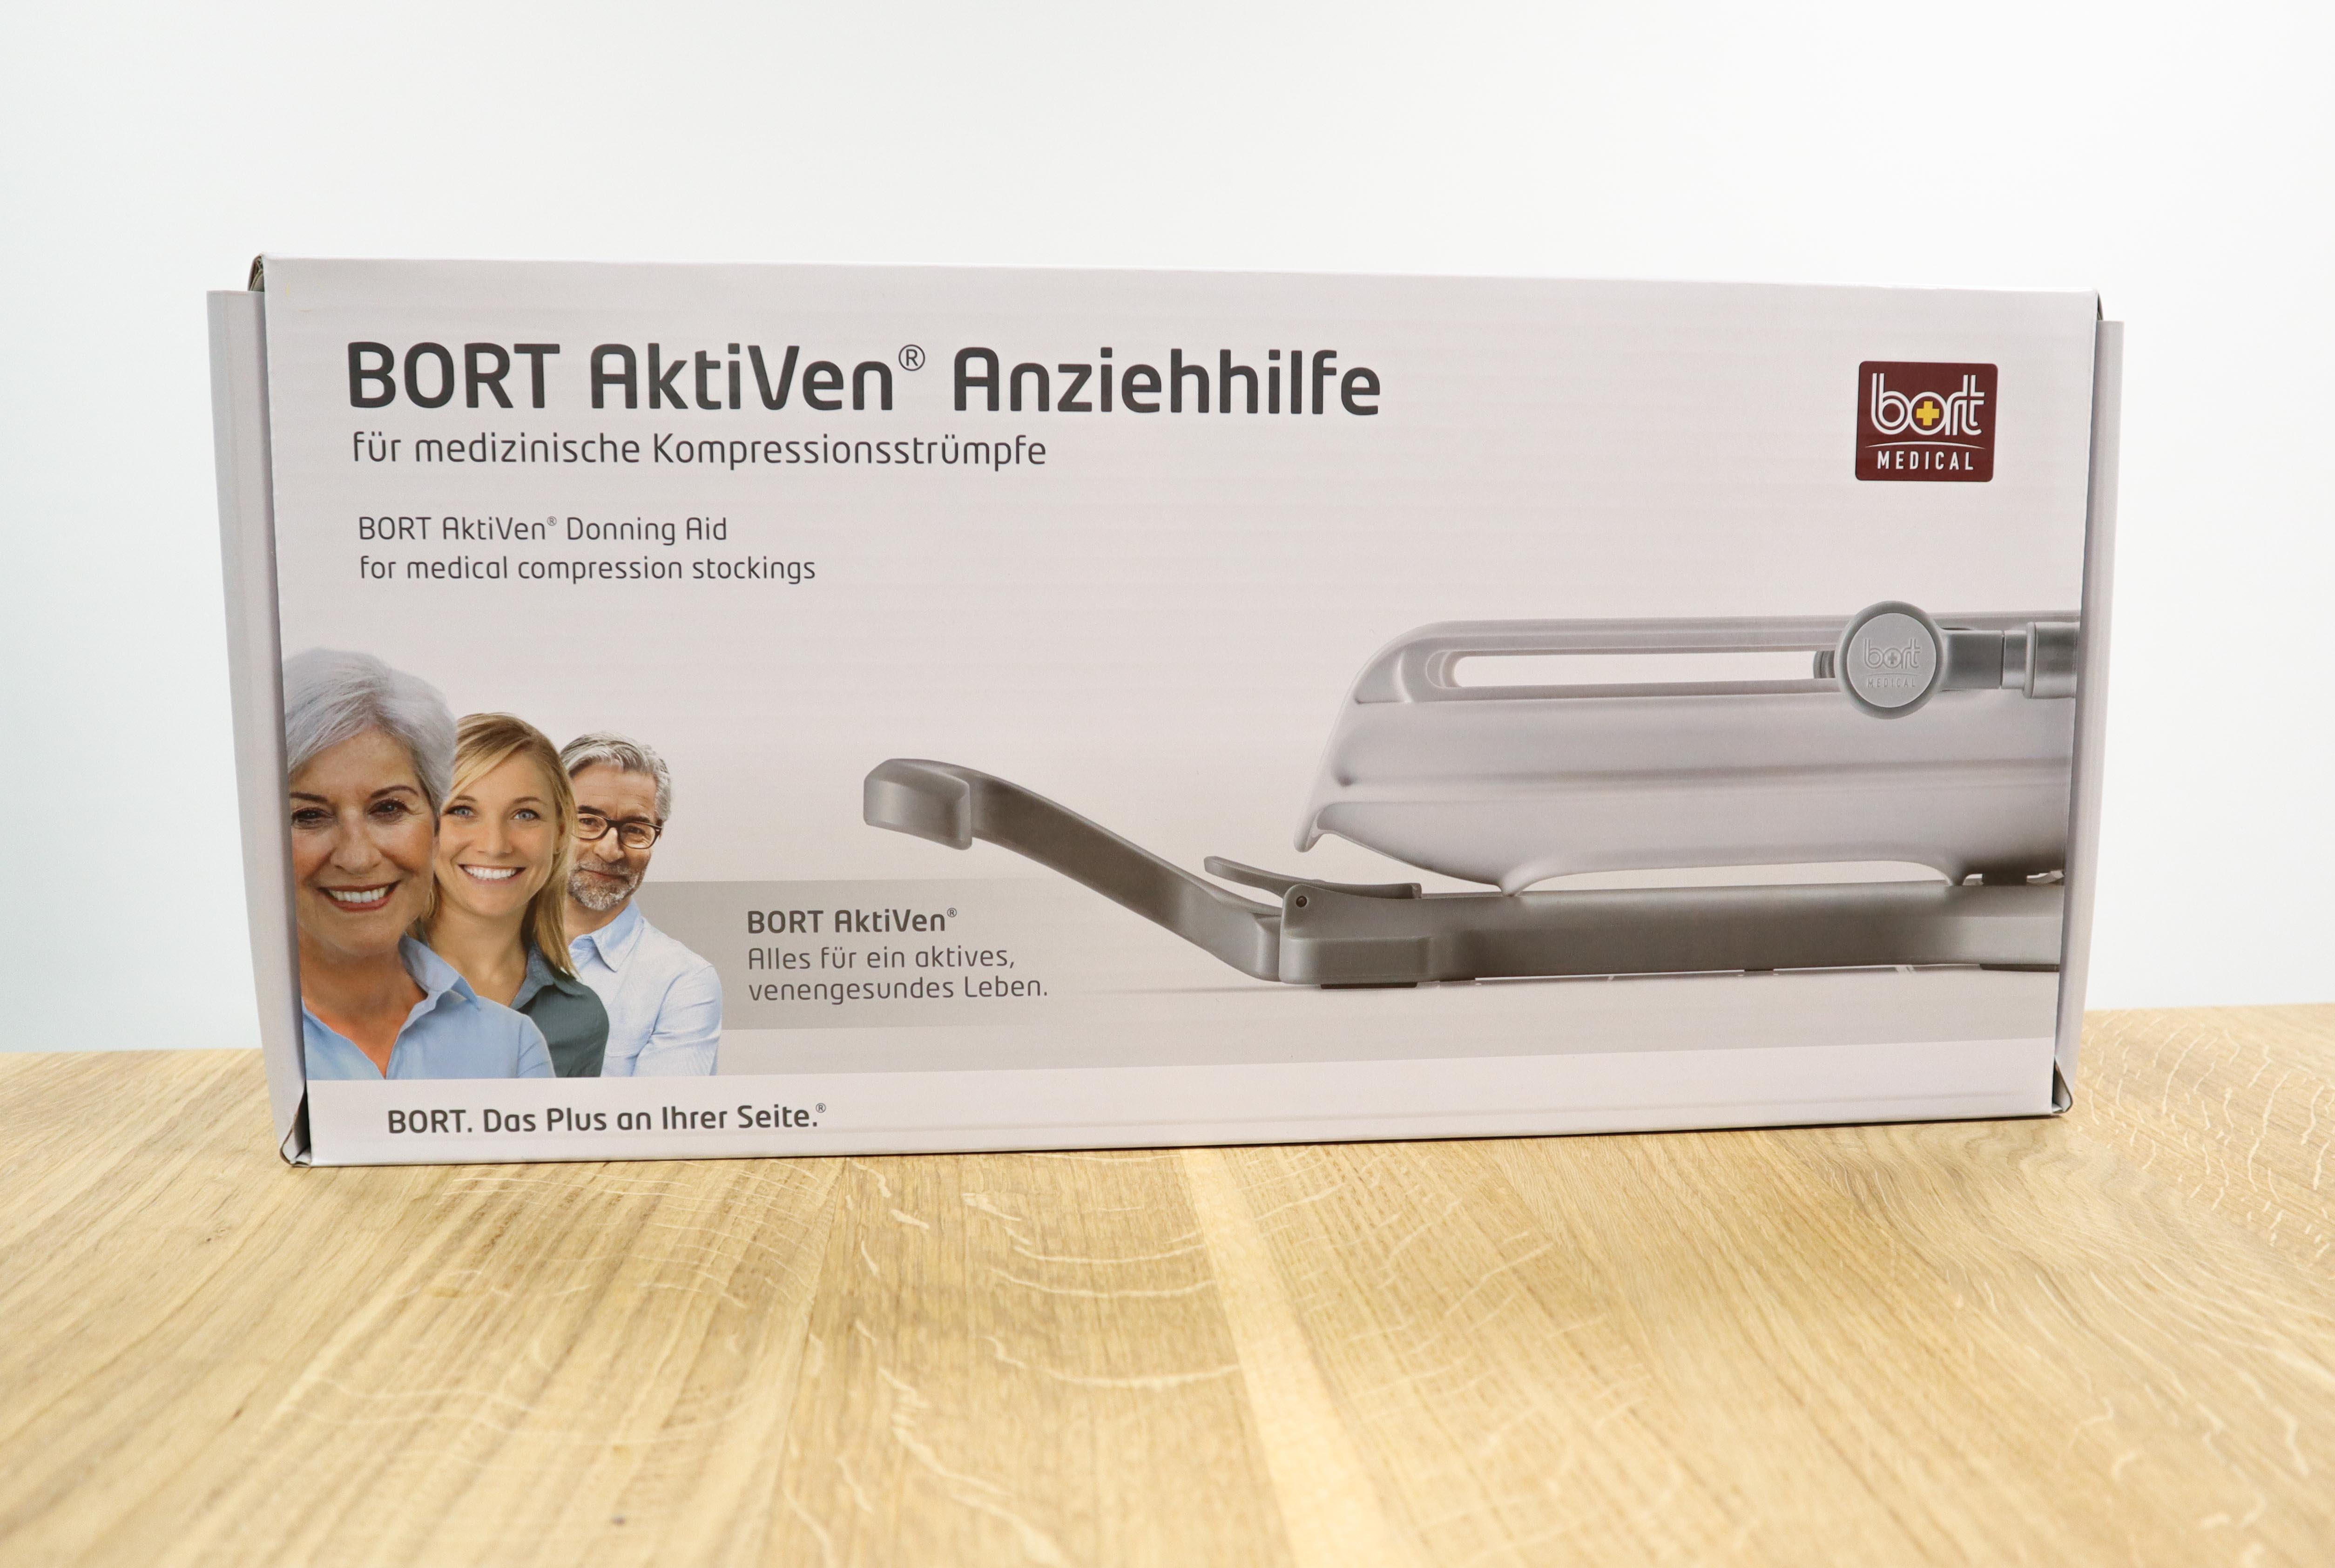 BORT AktiVen® Anziehhilfe für medizinische Kompressionsstrümpfe